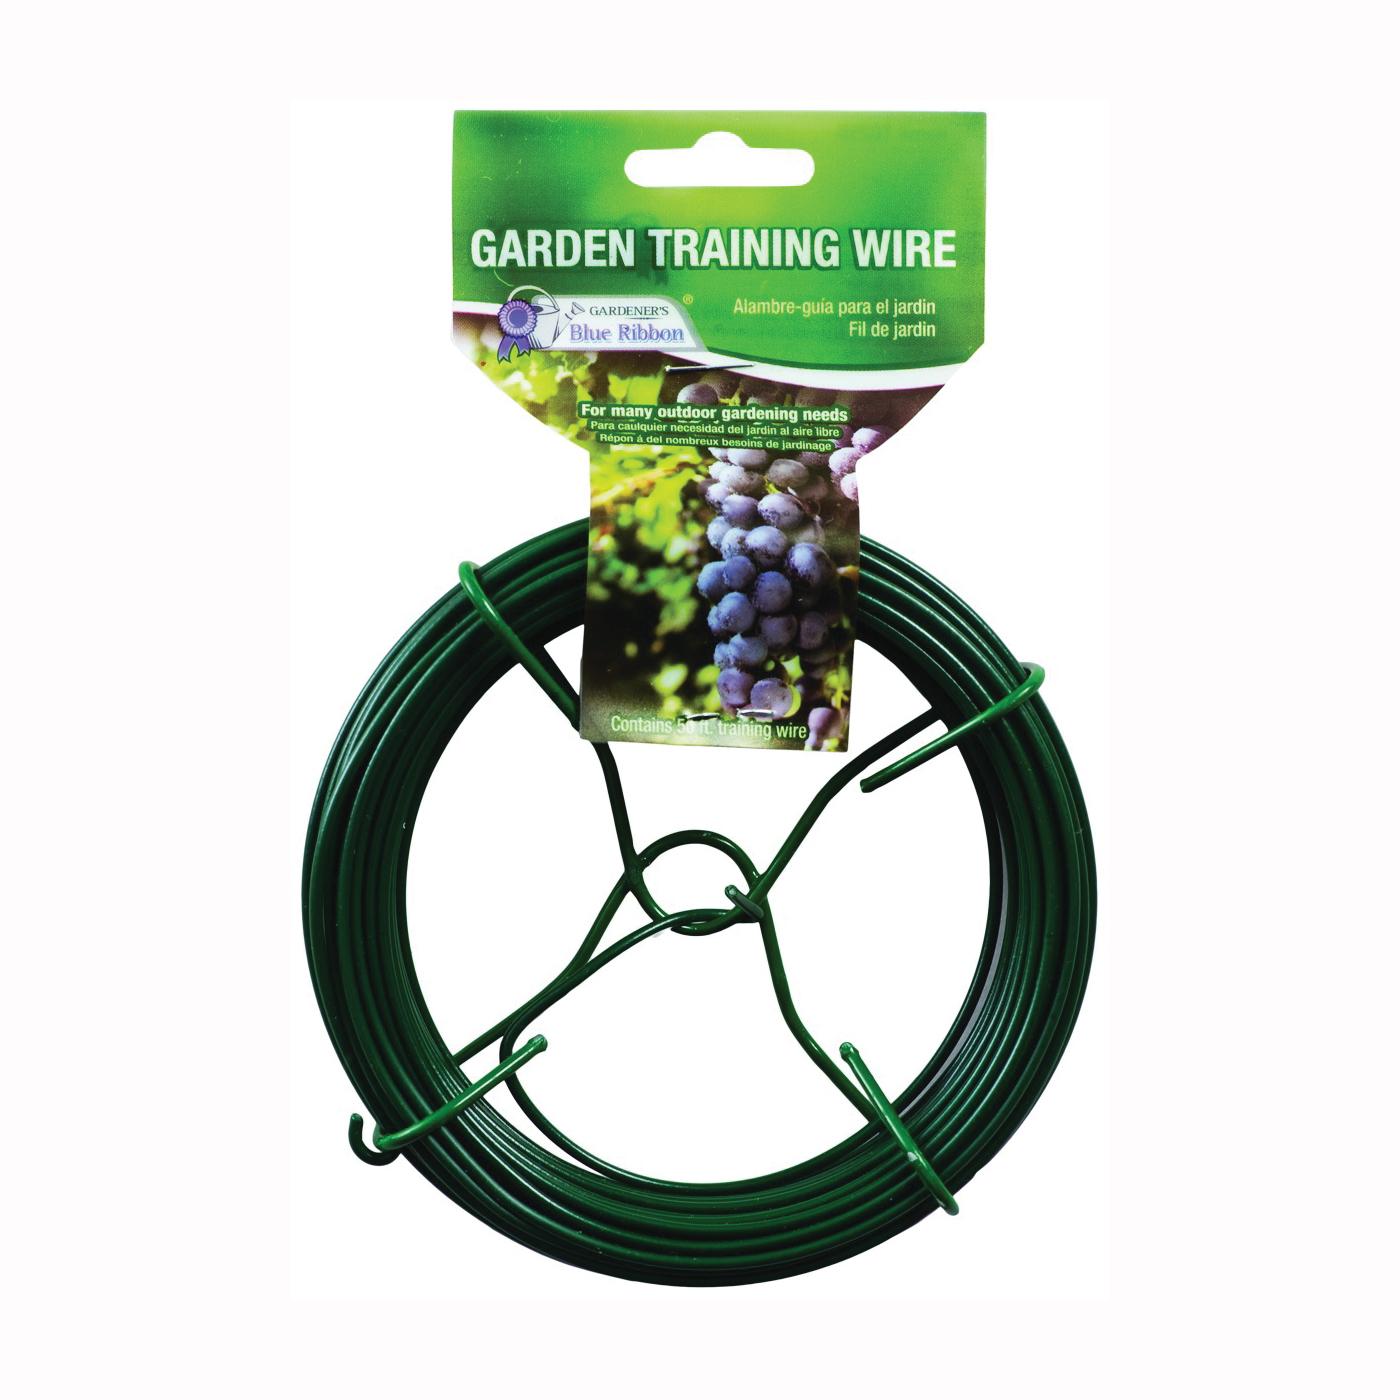 Gardener's Blue Ribbon T025B